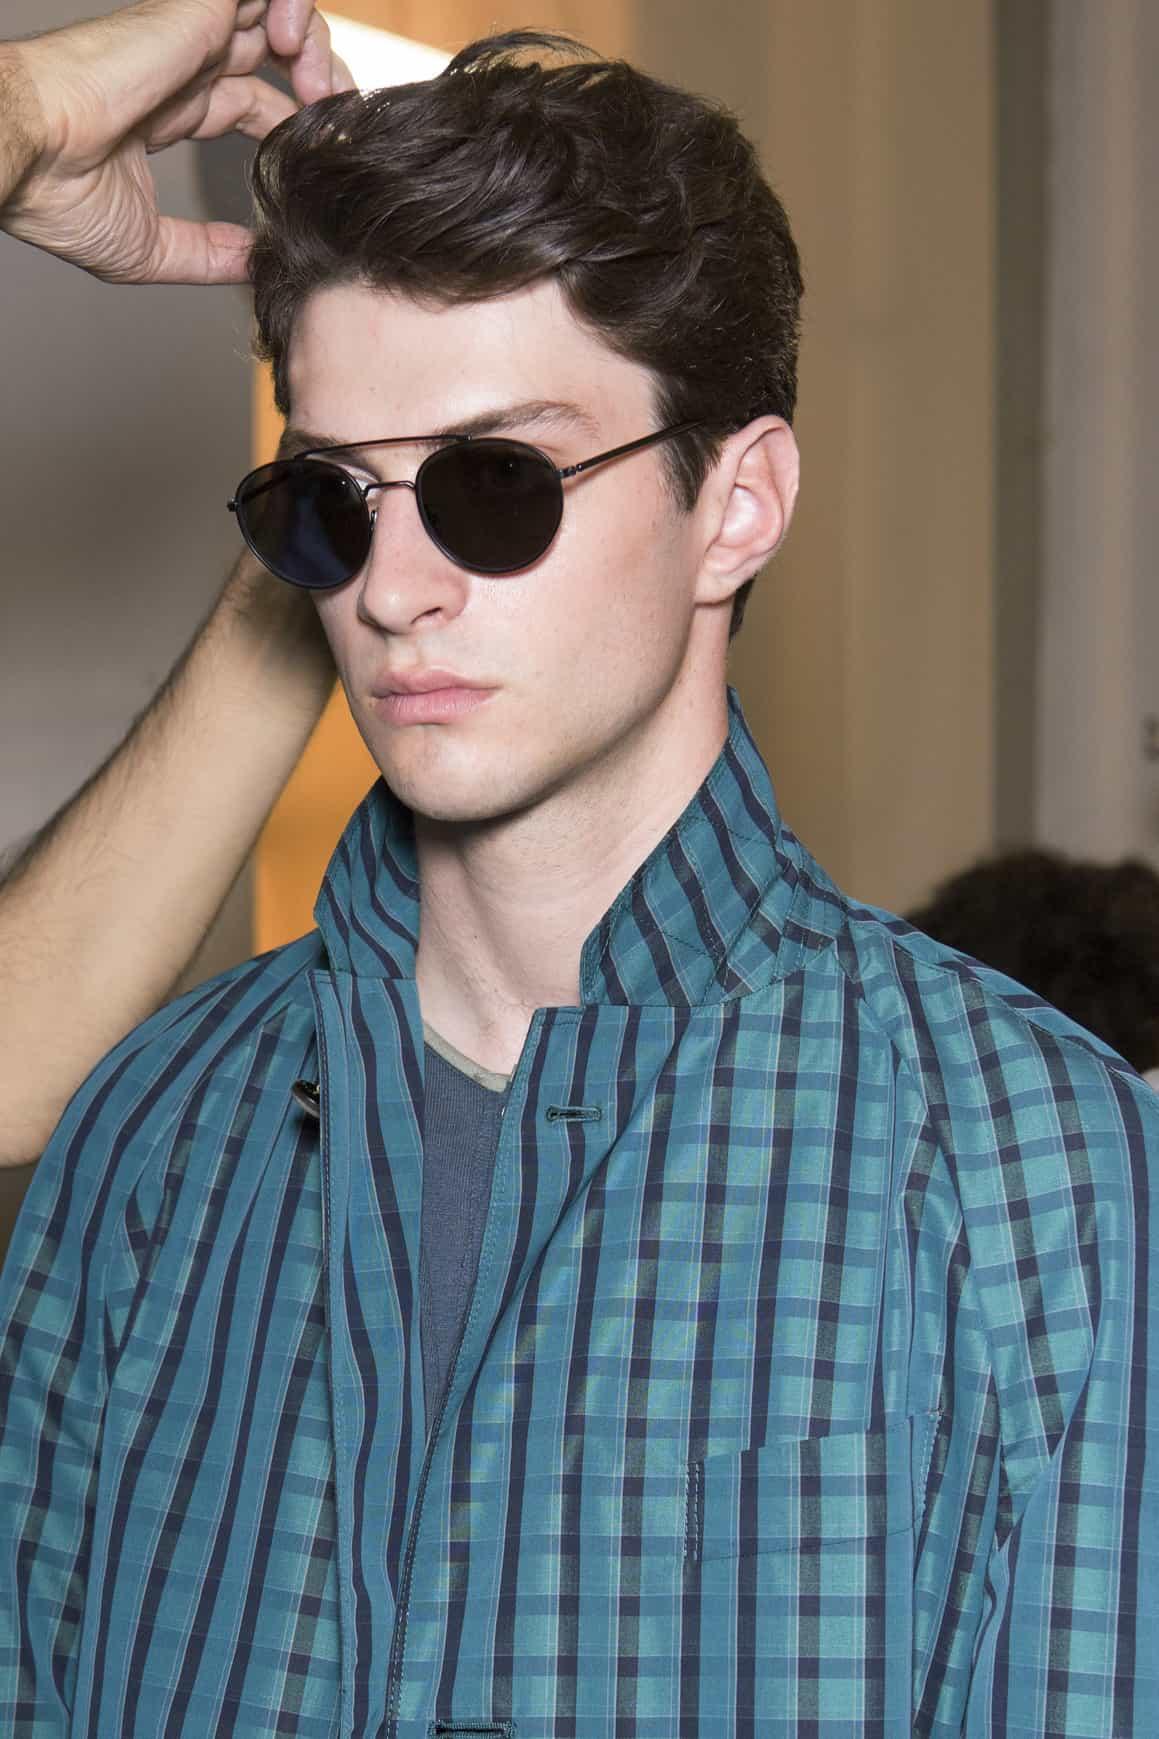 Cara Memilih Perawatan Rambut untuk Pria